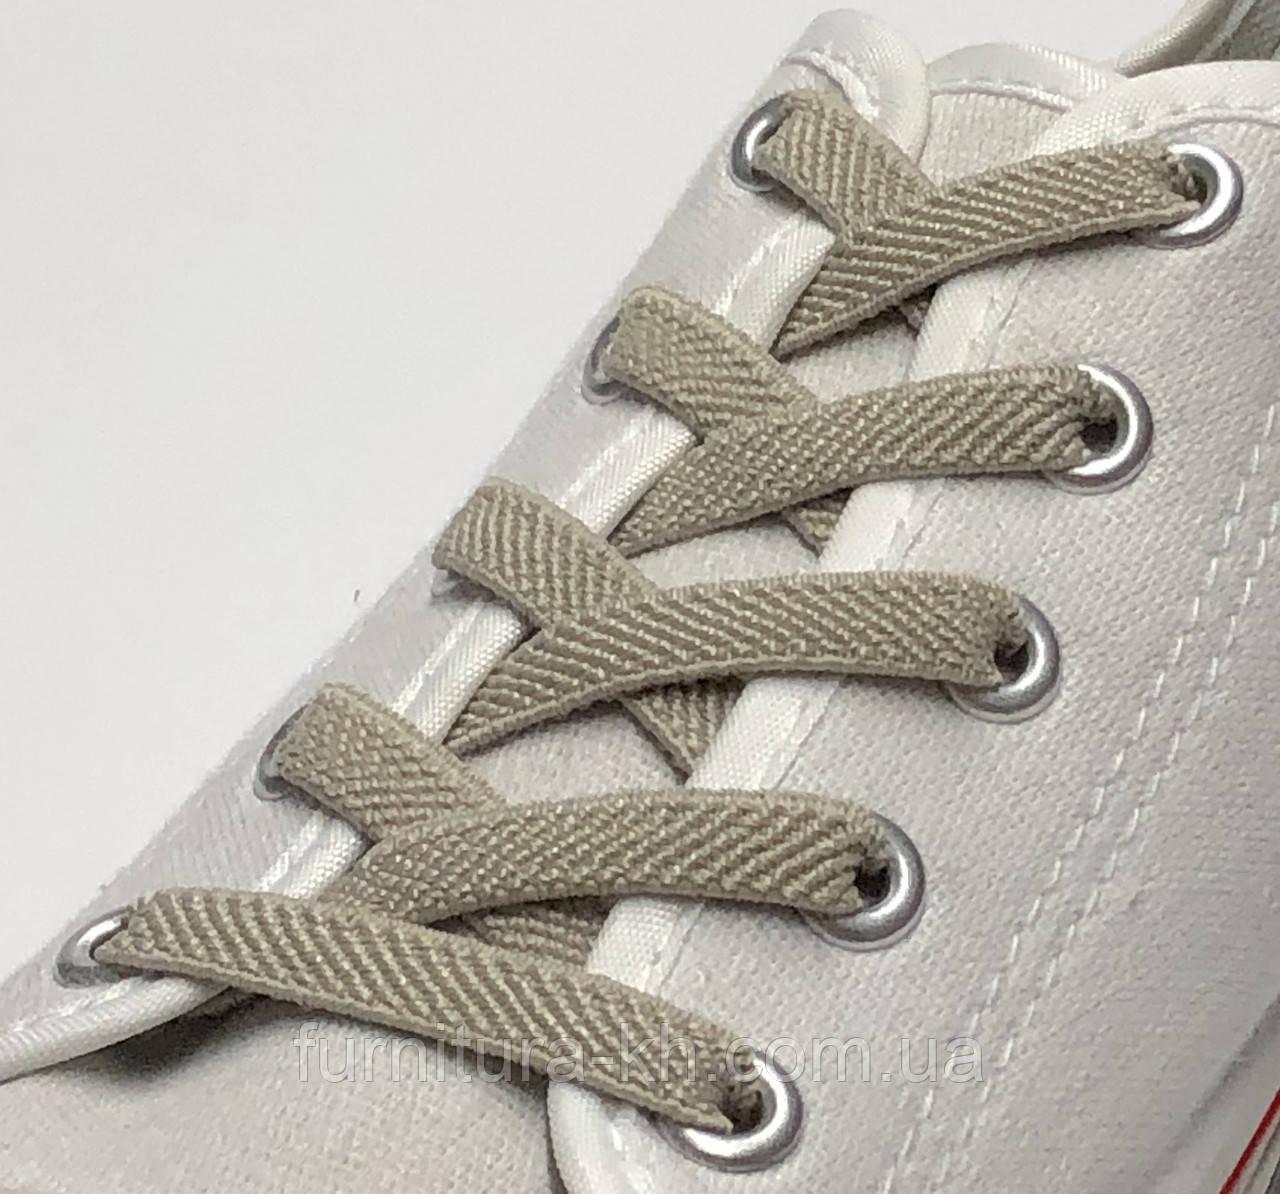 Шнурок Резиновый Плоский-Цвет Светло Бежевый  (толщина 7 мм).Длинна 0,70 см